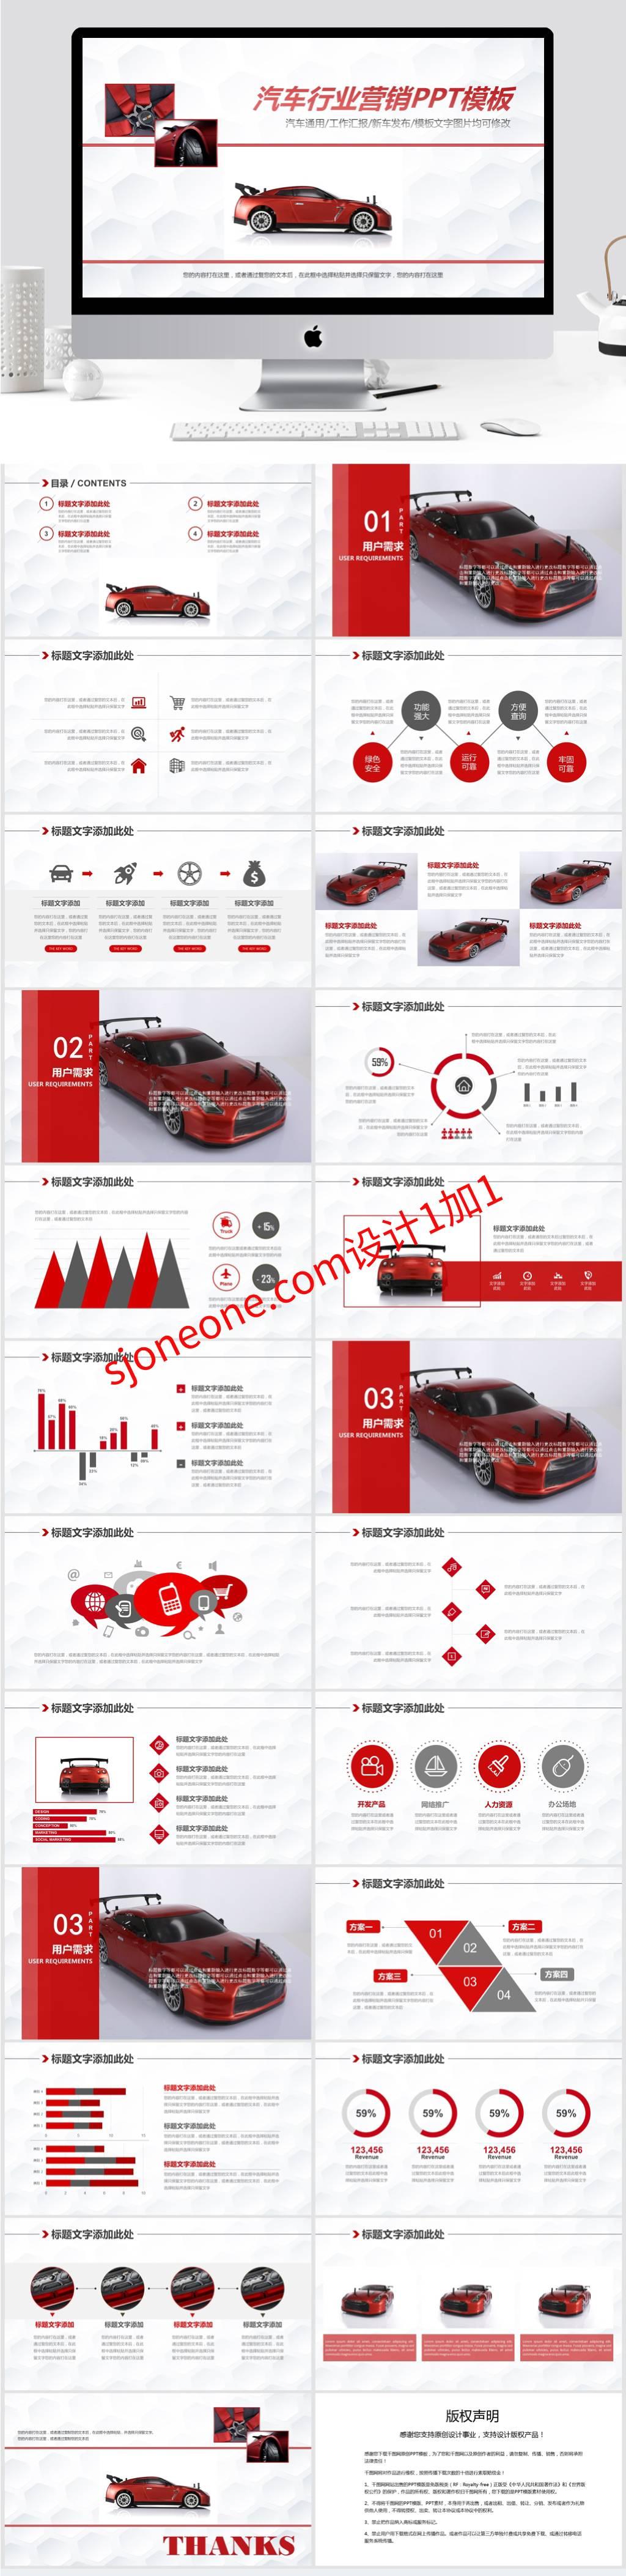 红色圣诞节礼盒海报圣诞元旦christmas